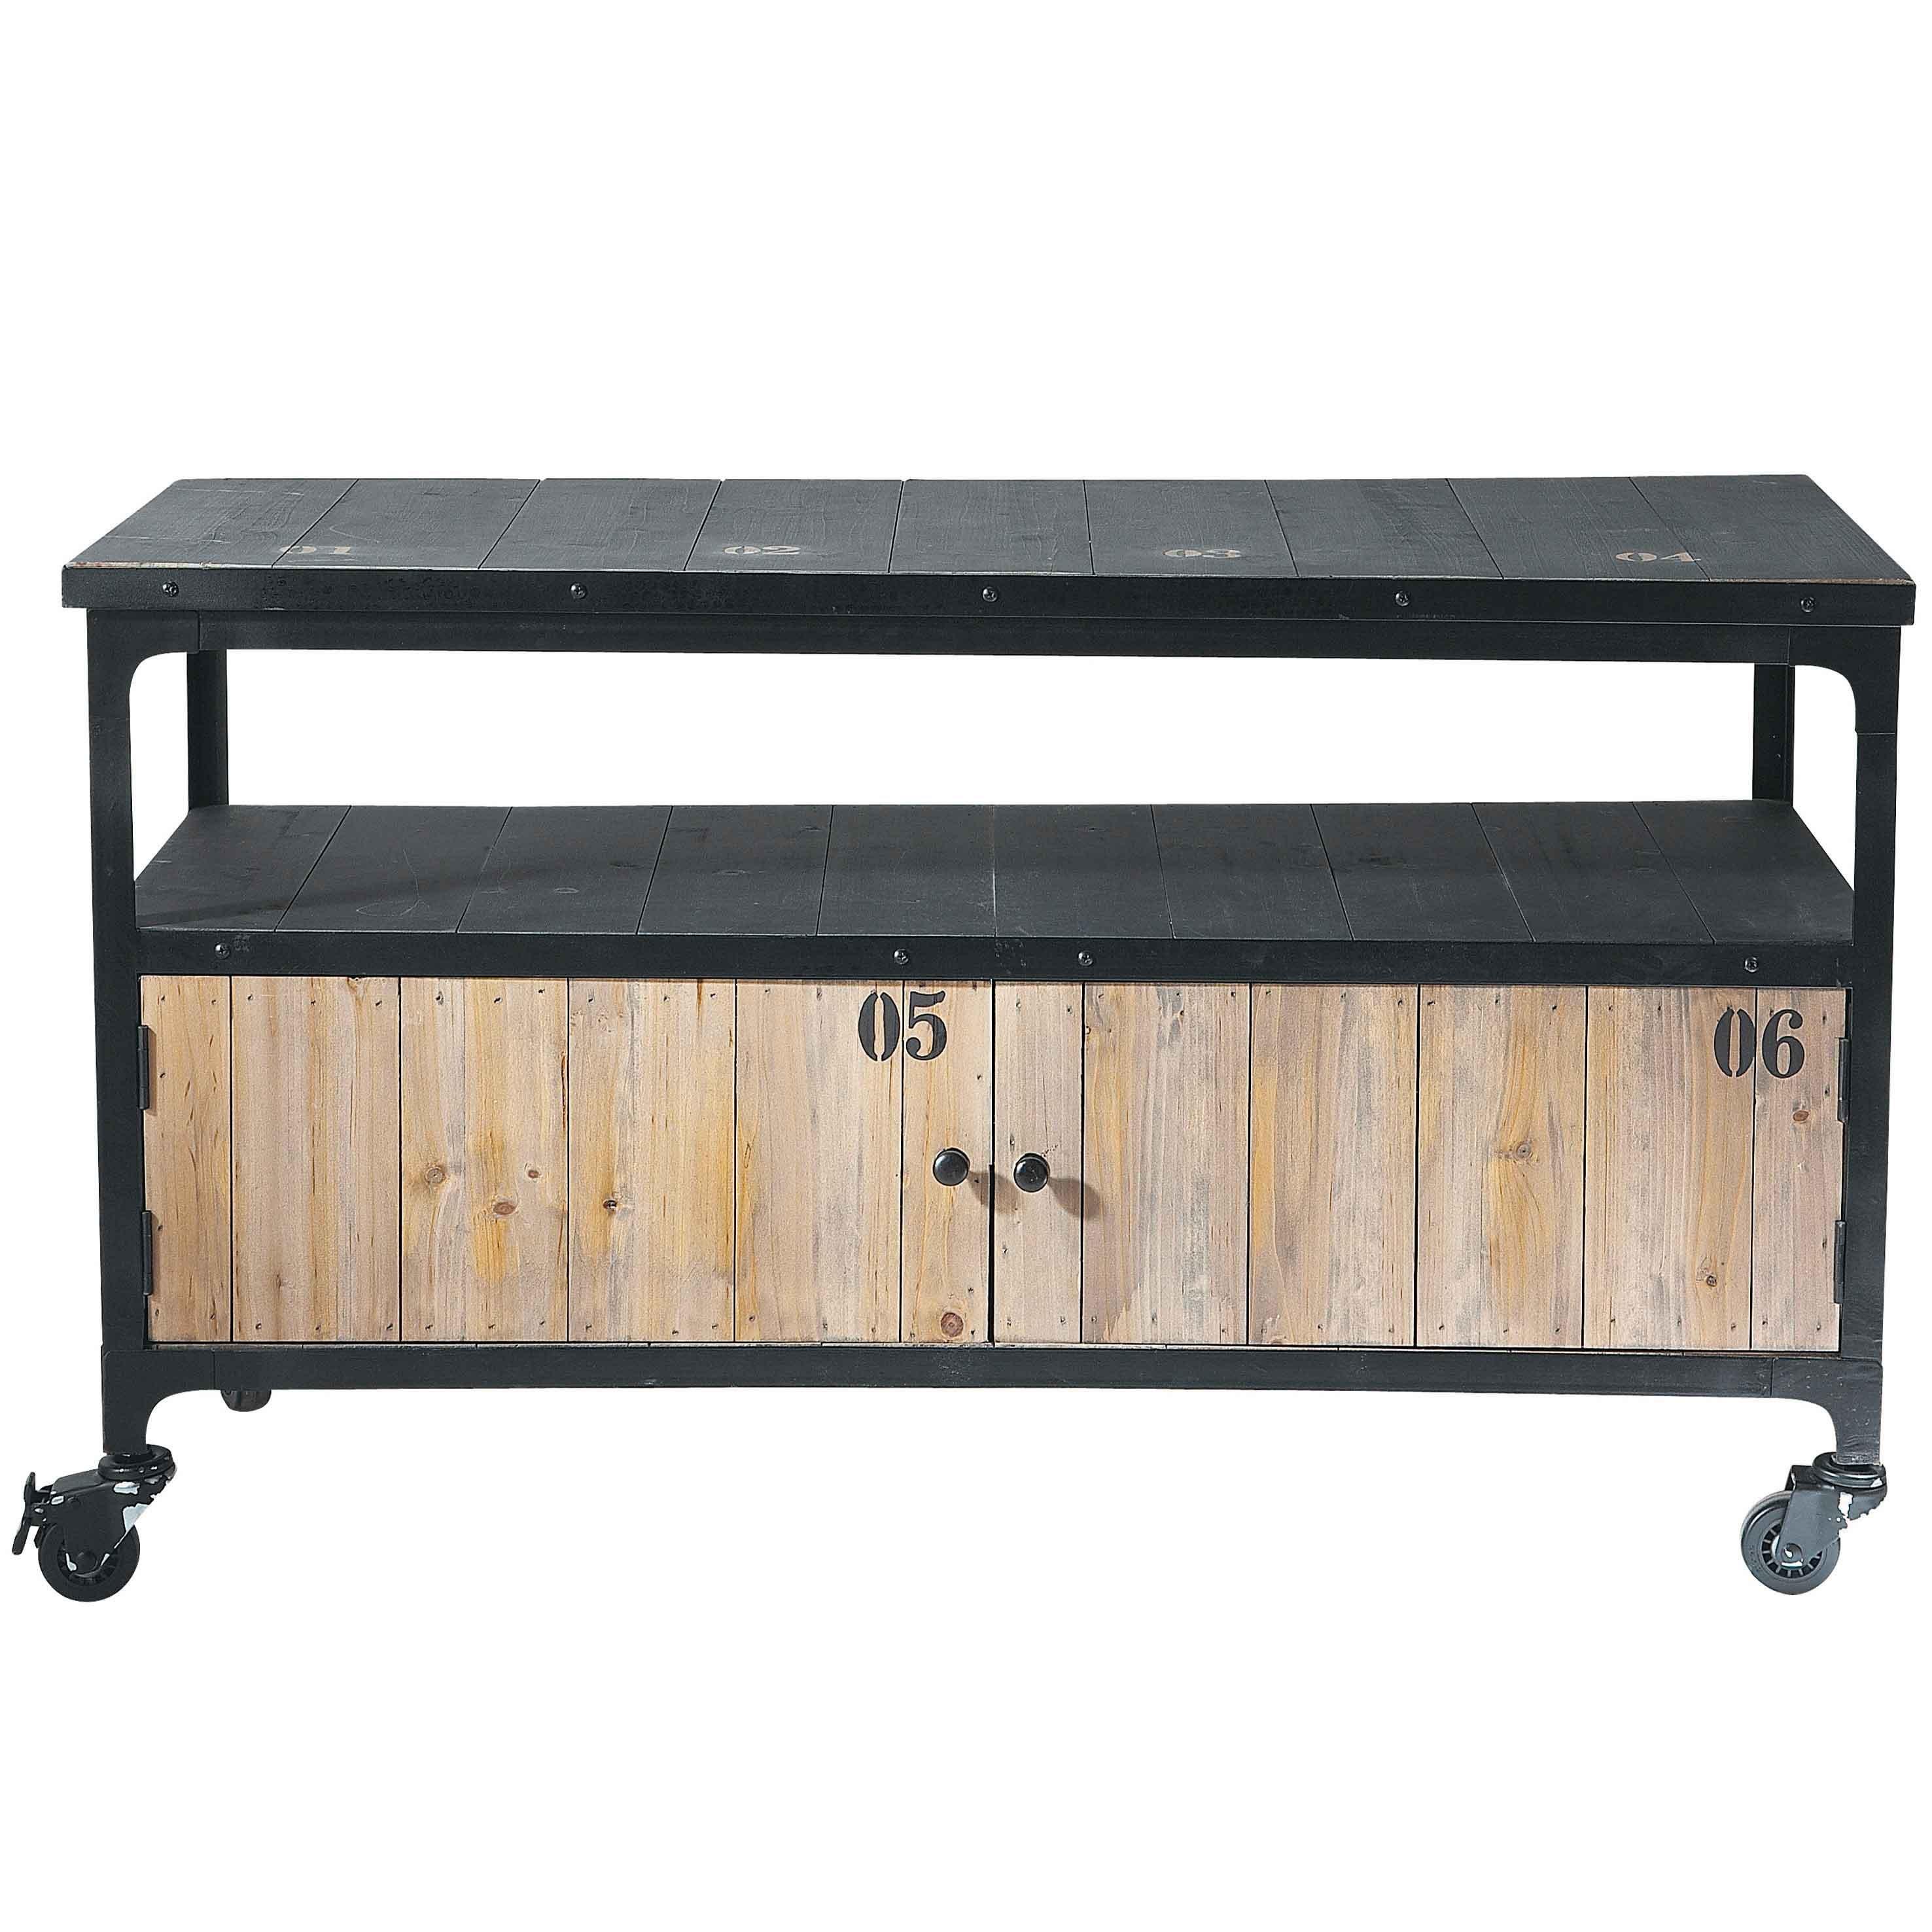 Portatv in diversi materiali stili dimensioni cose di casa - Ikea mobile metallo ...